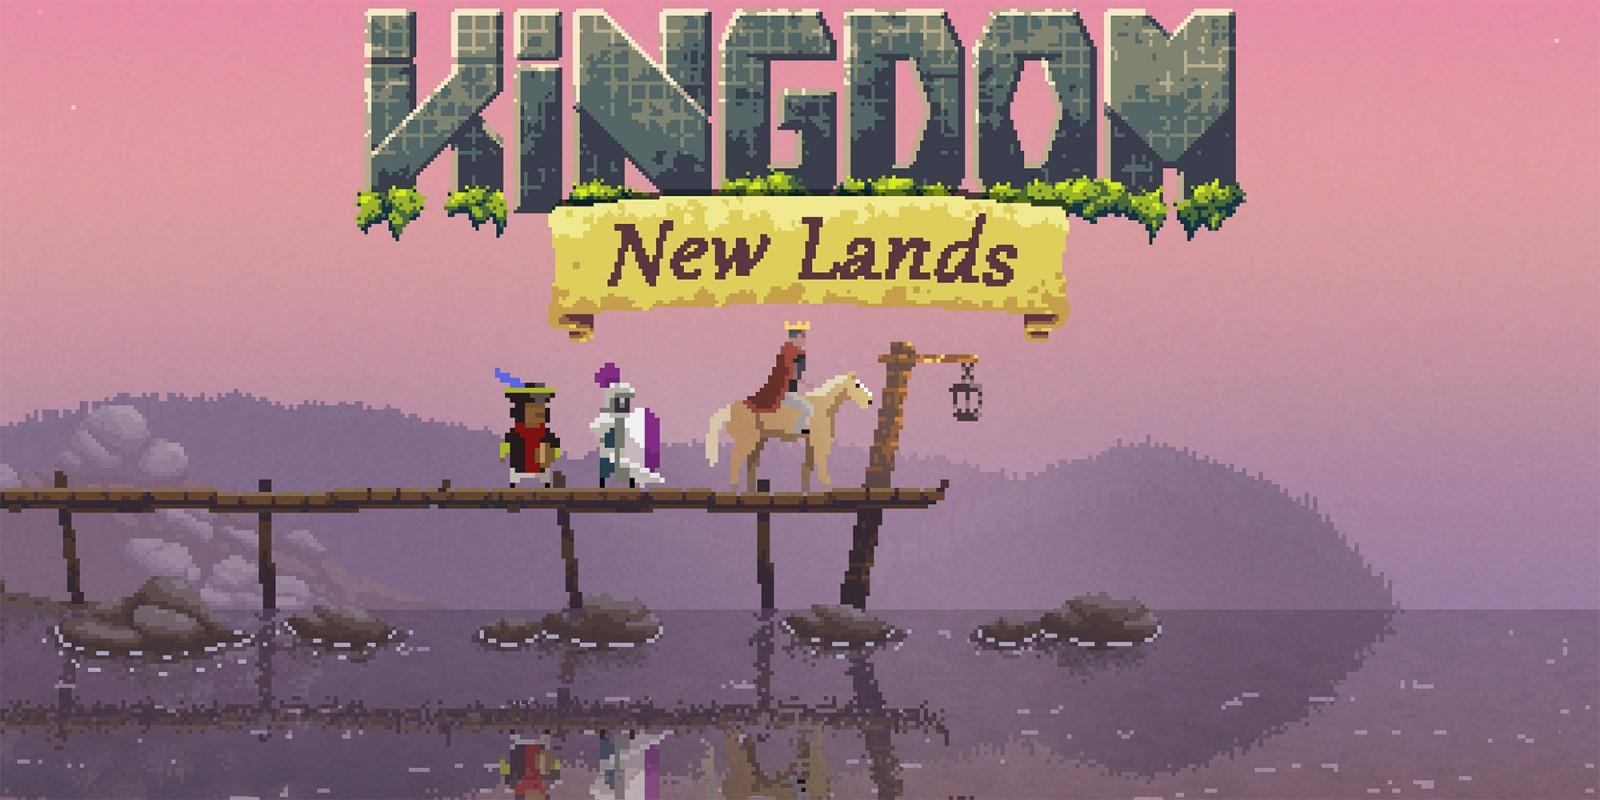 بازی Kingdom: New Lands به صورت رایگان در دسترس قرار گرفت